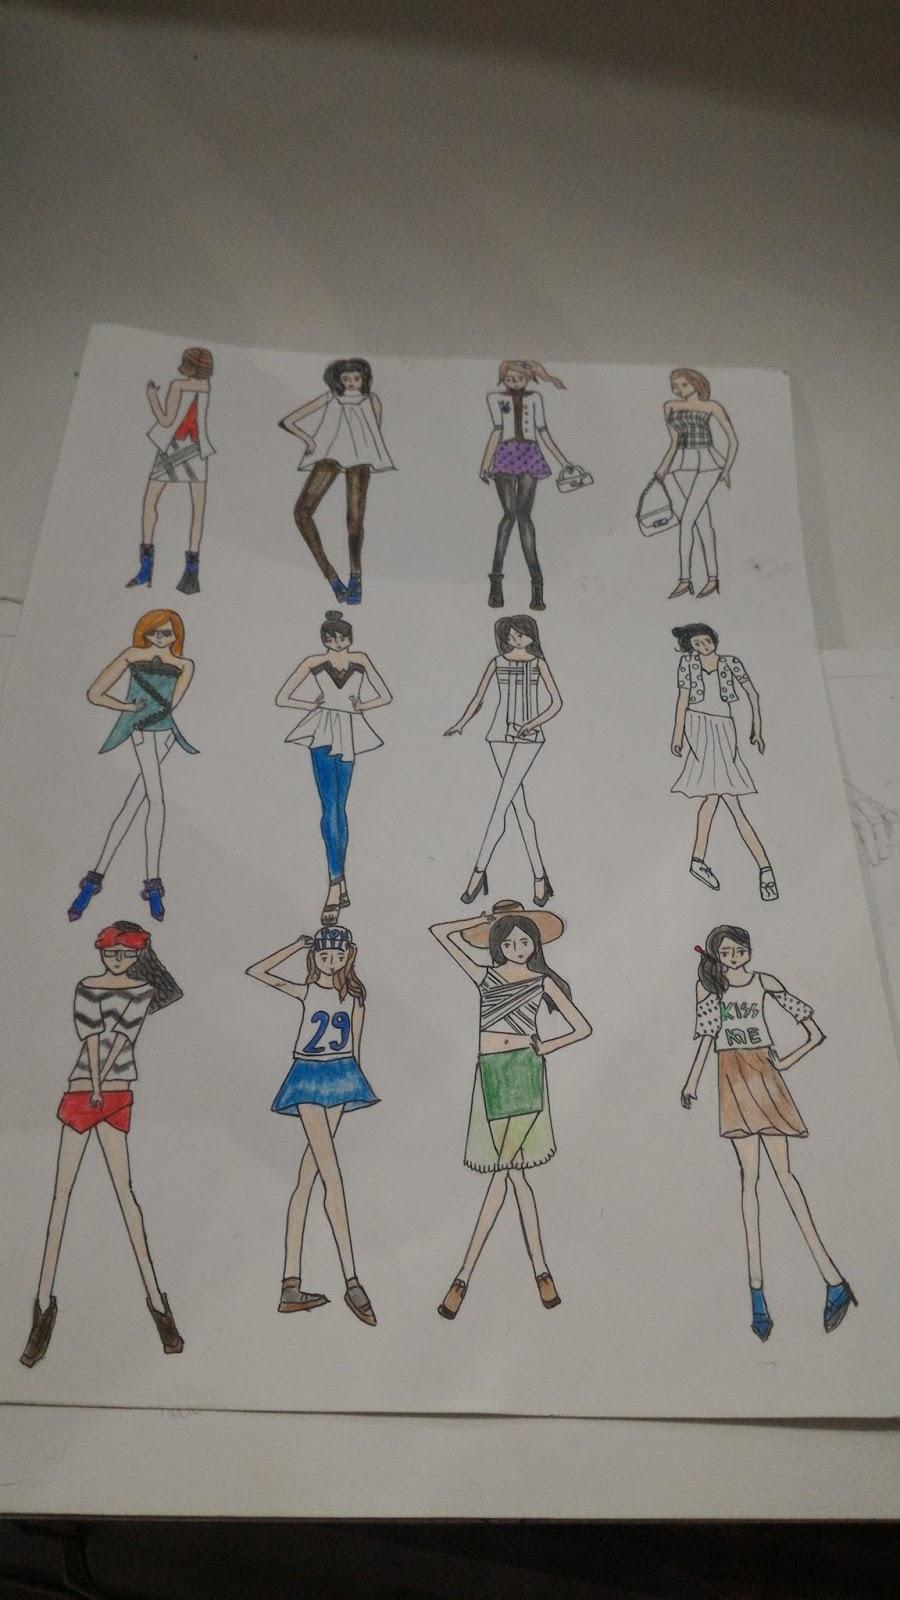 Belajar Gambar Sketsa Baju Sobsketsa